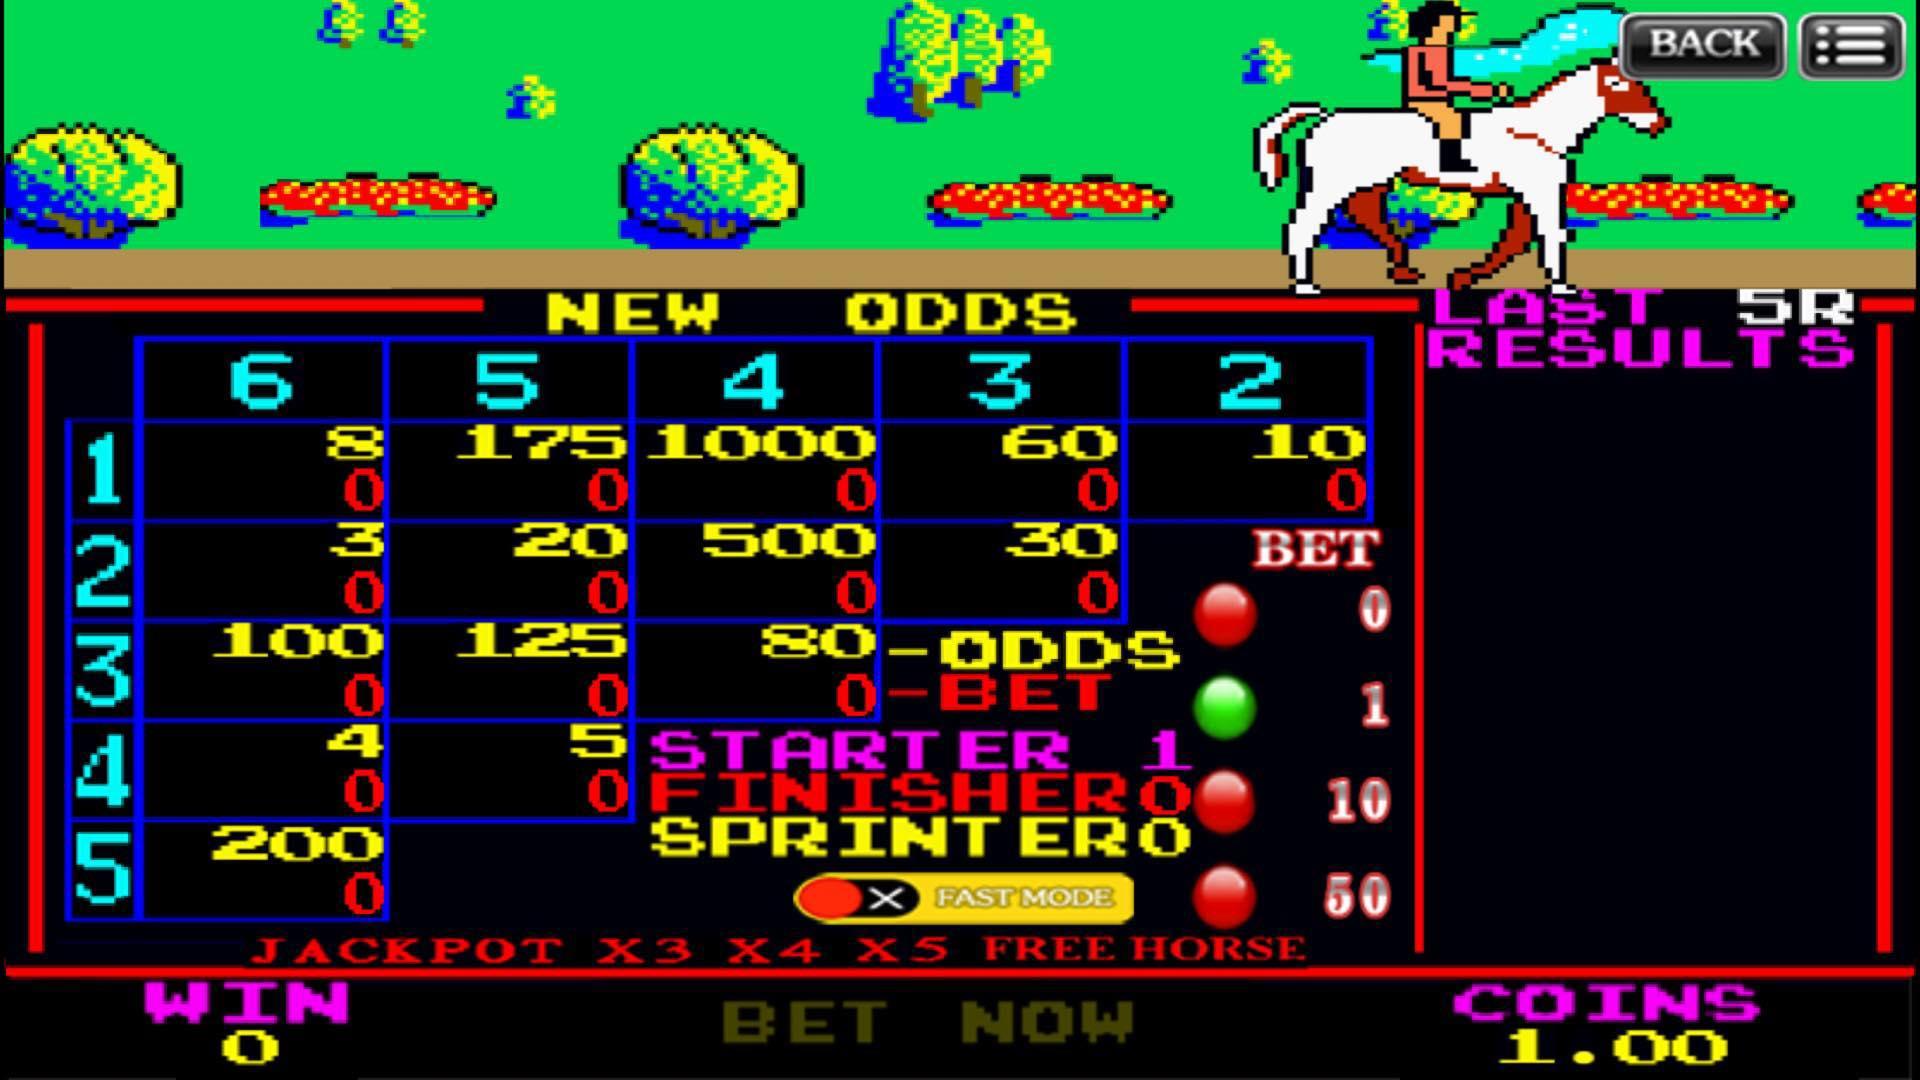 neue online casino freispiele ohne einzahlung